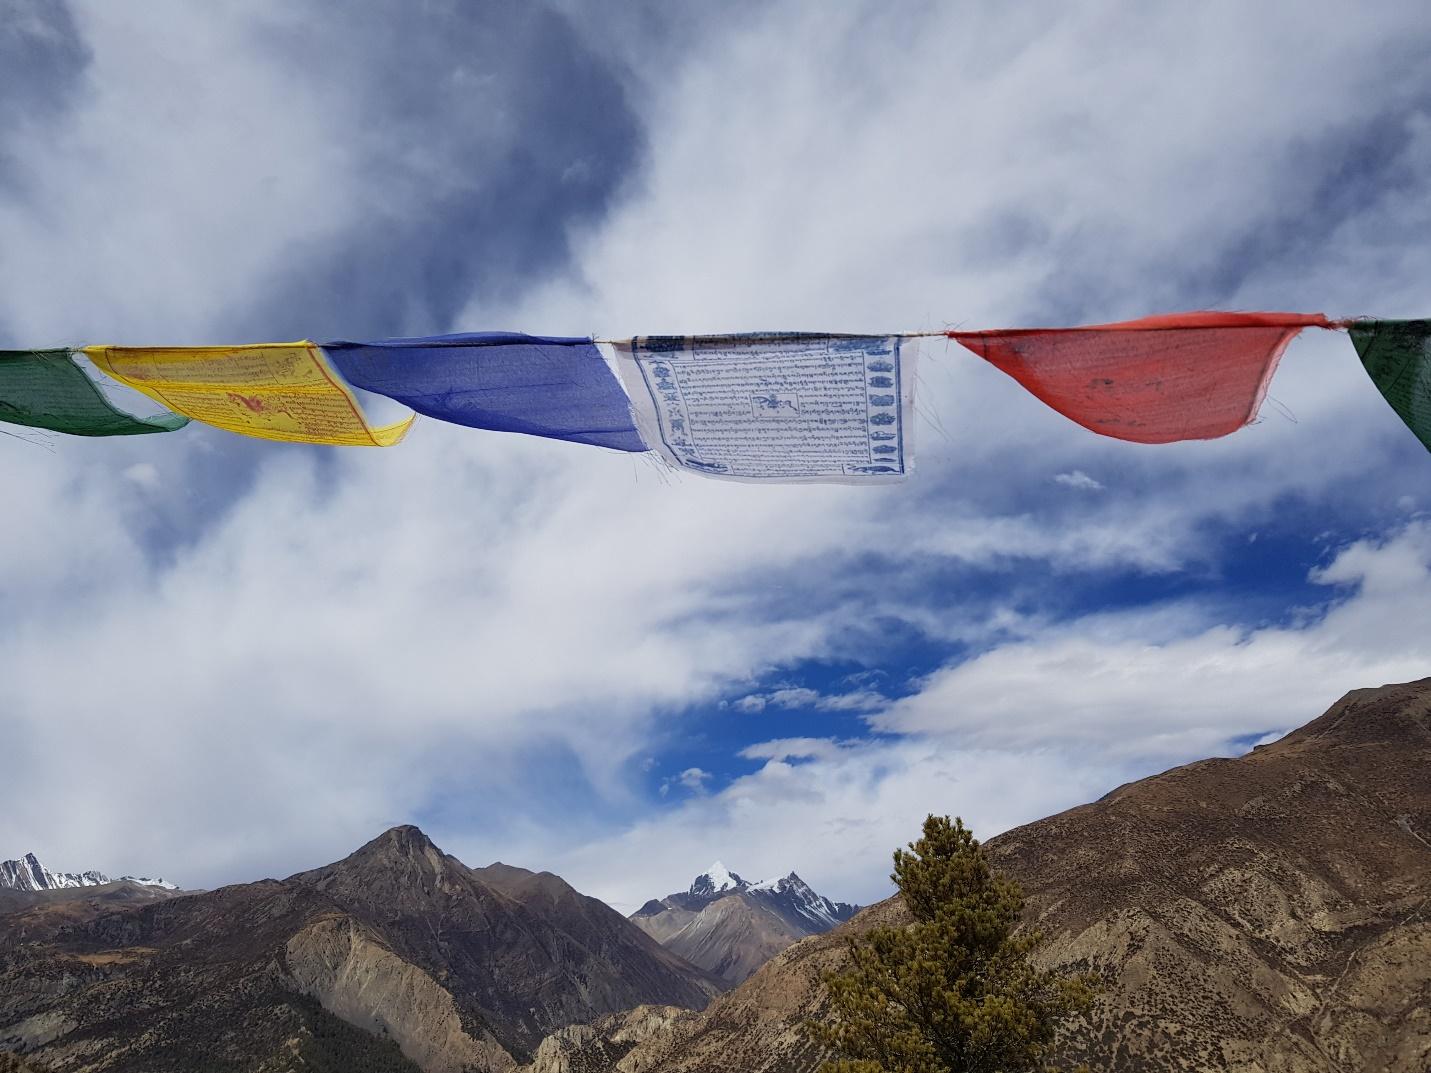 Tới Nepal, gửi lời nguyện cầu theo những lá cờ Lungta bay phấp phới - 4